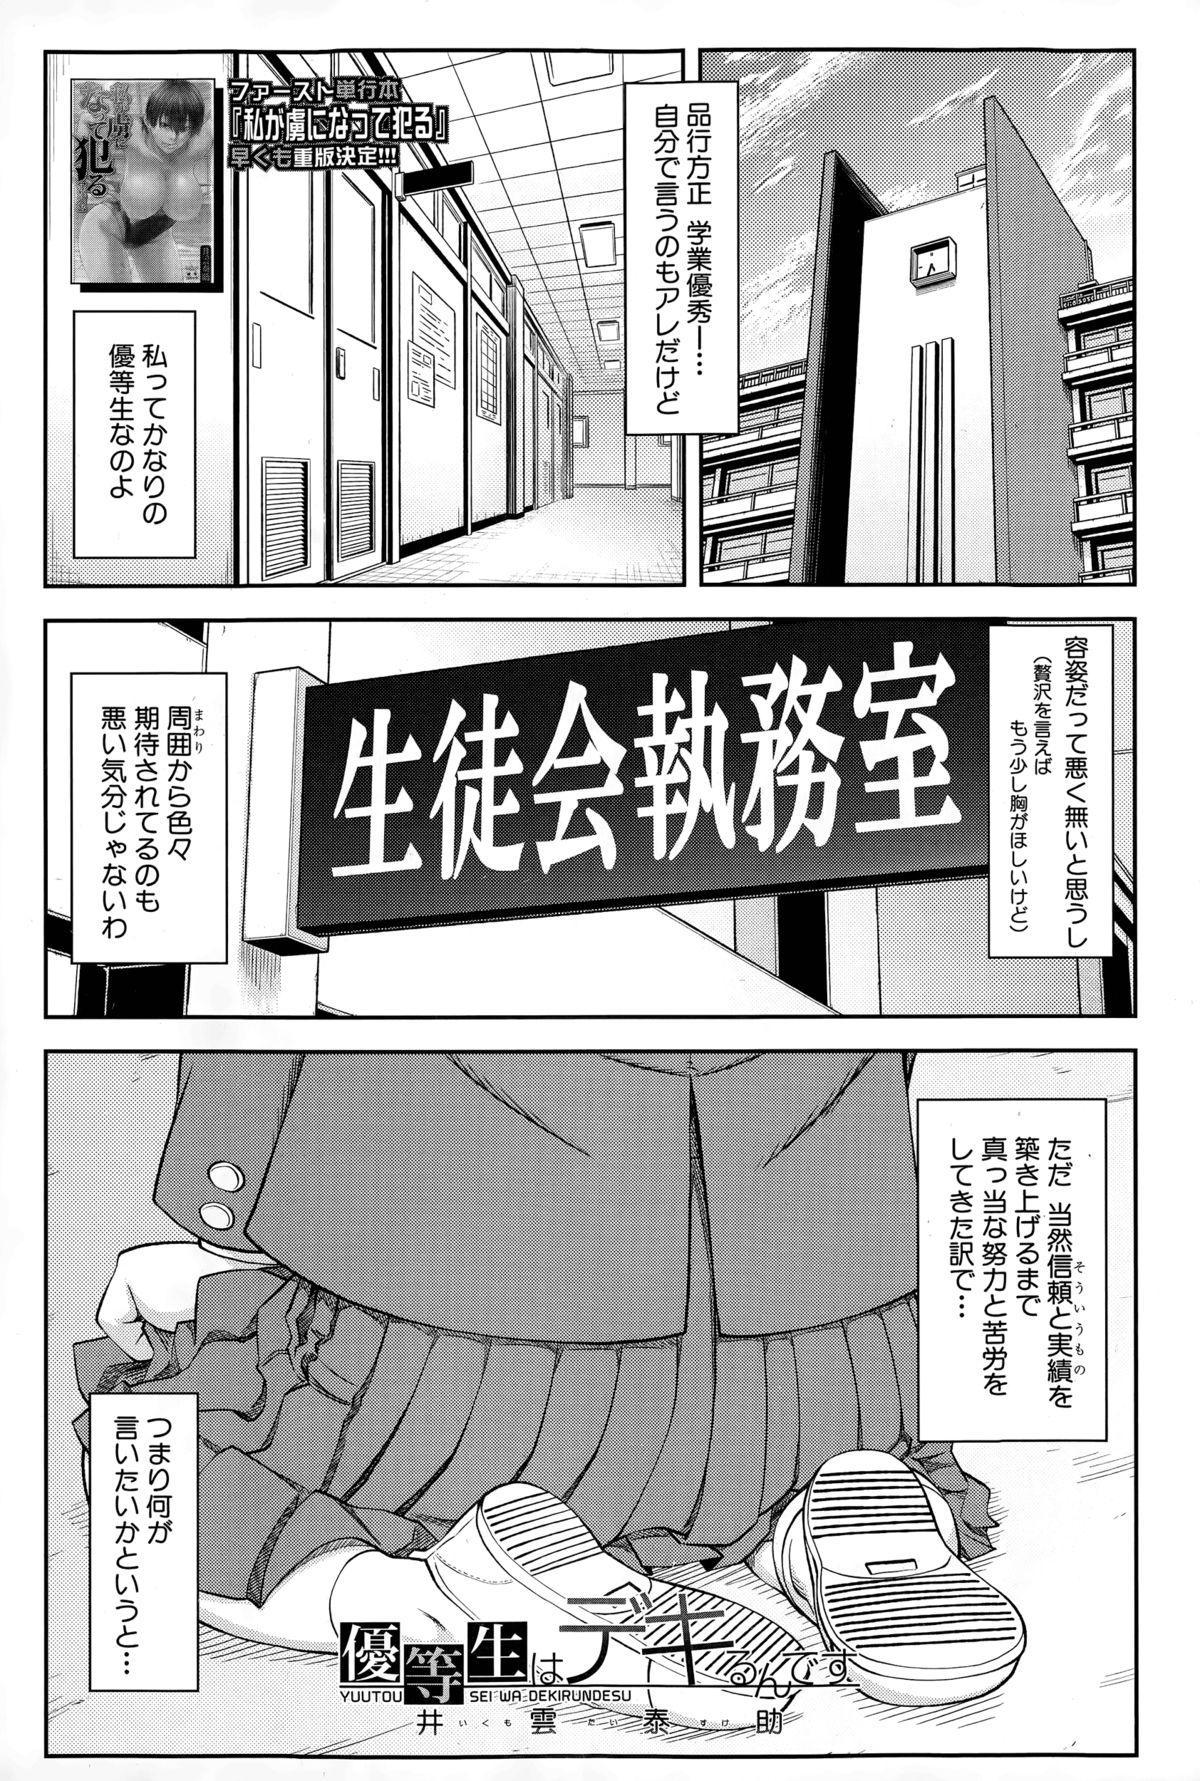 Yuutou sei wa Dekirundesu Ch. 1-2 0